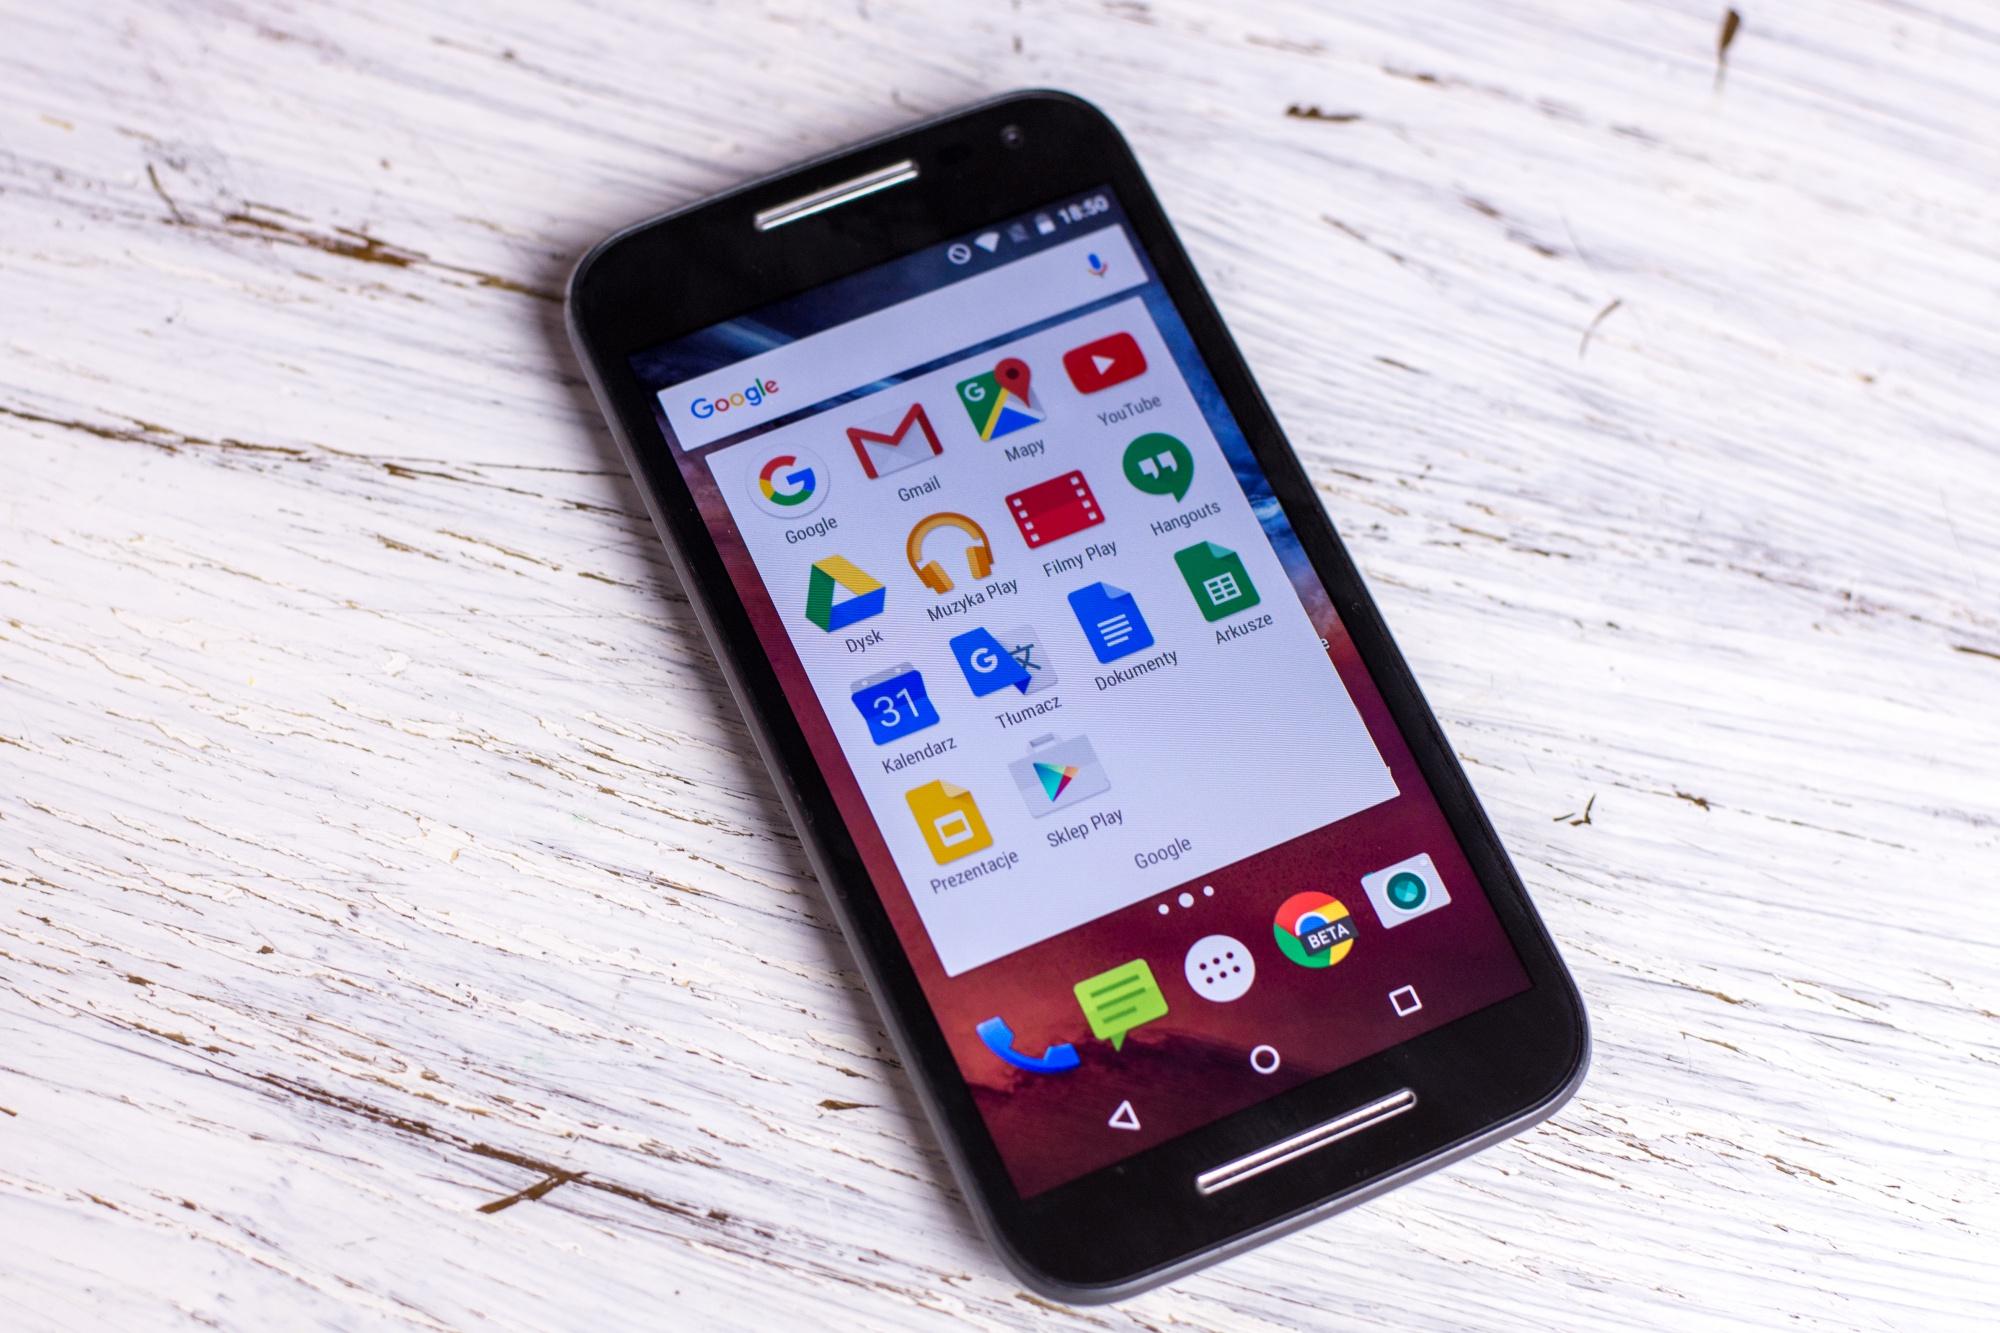 Mam nadzieję, że nie tak będzie wyglądać nowa Moto G4